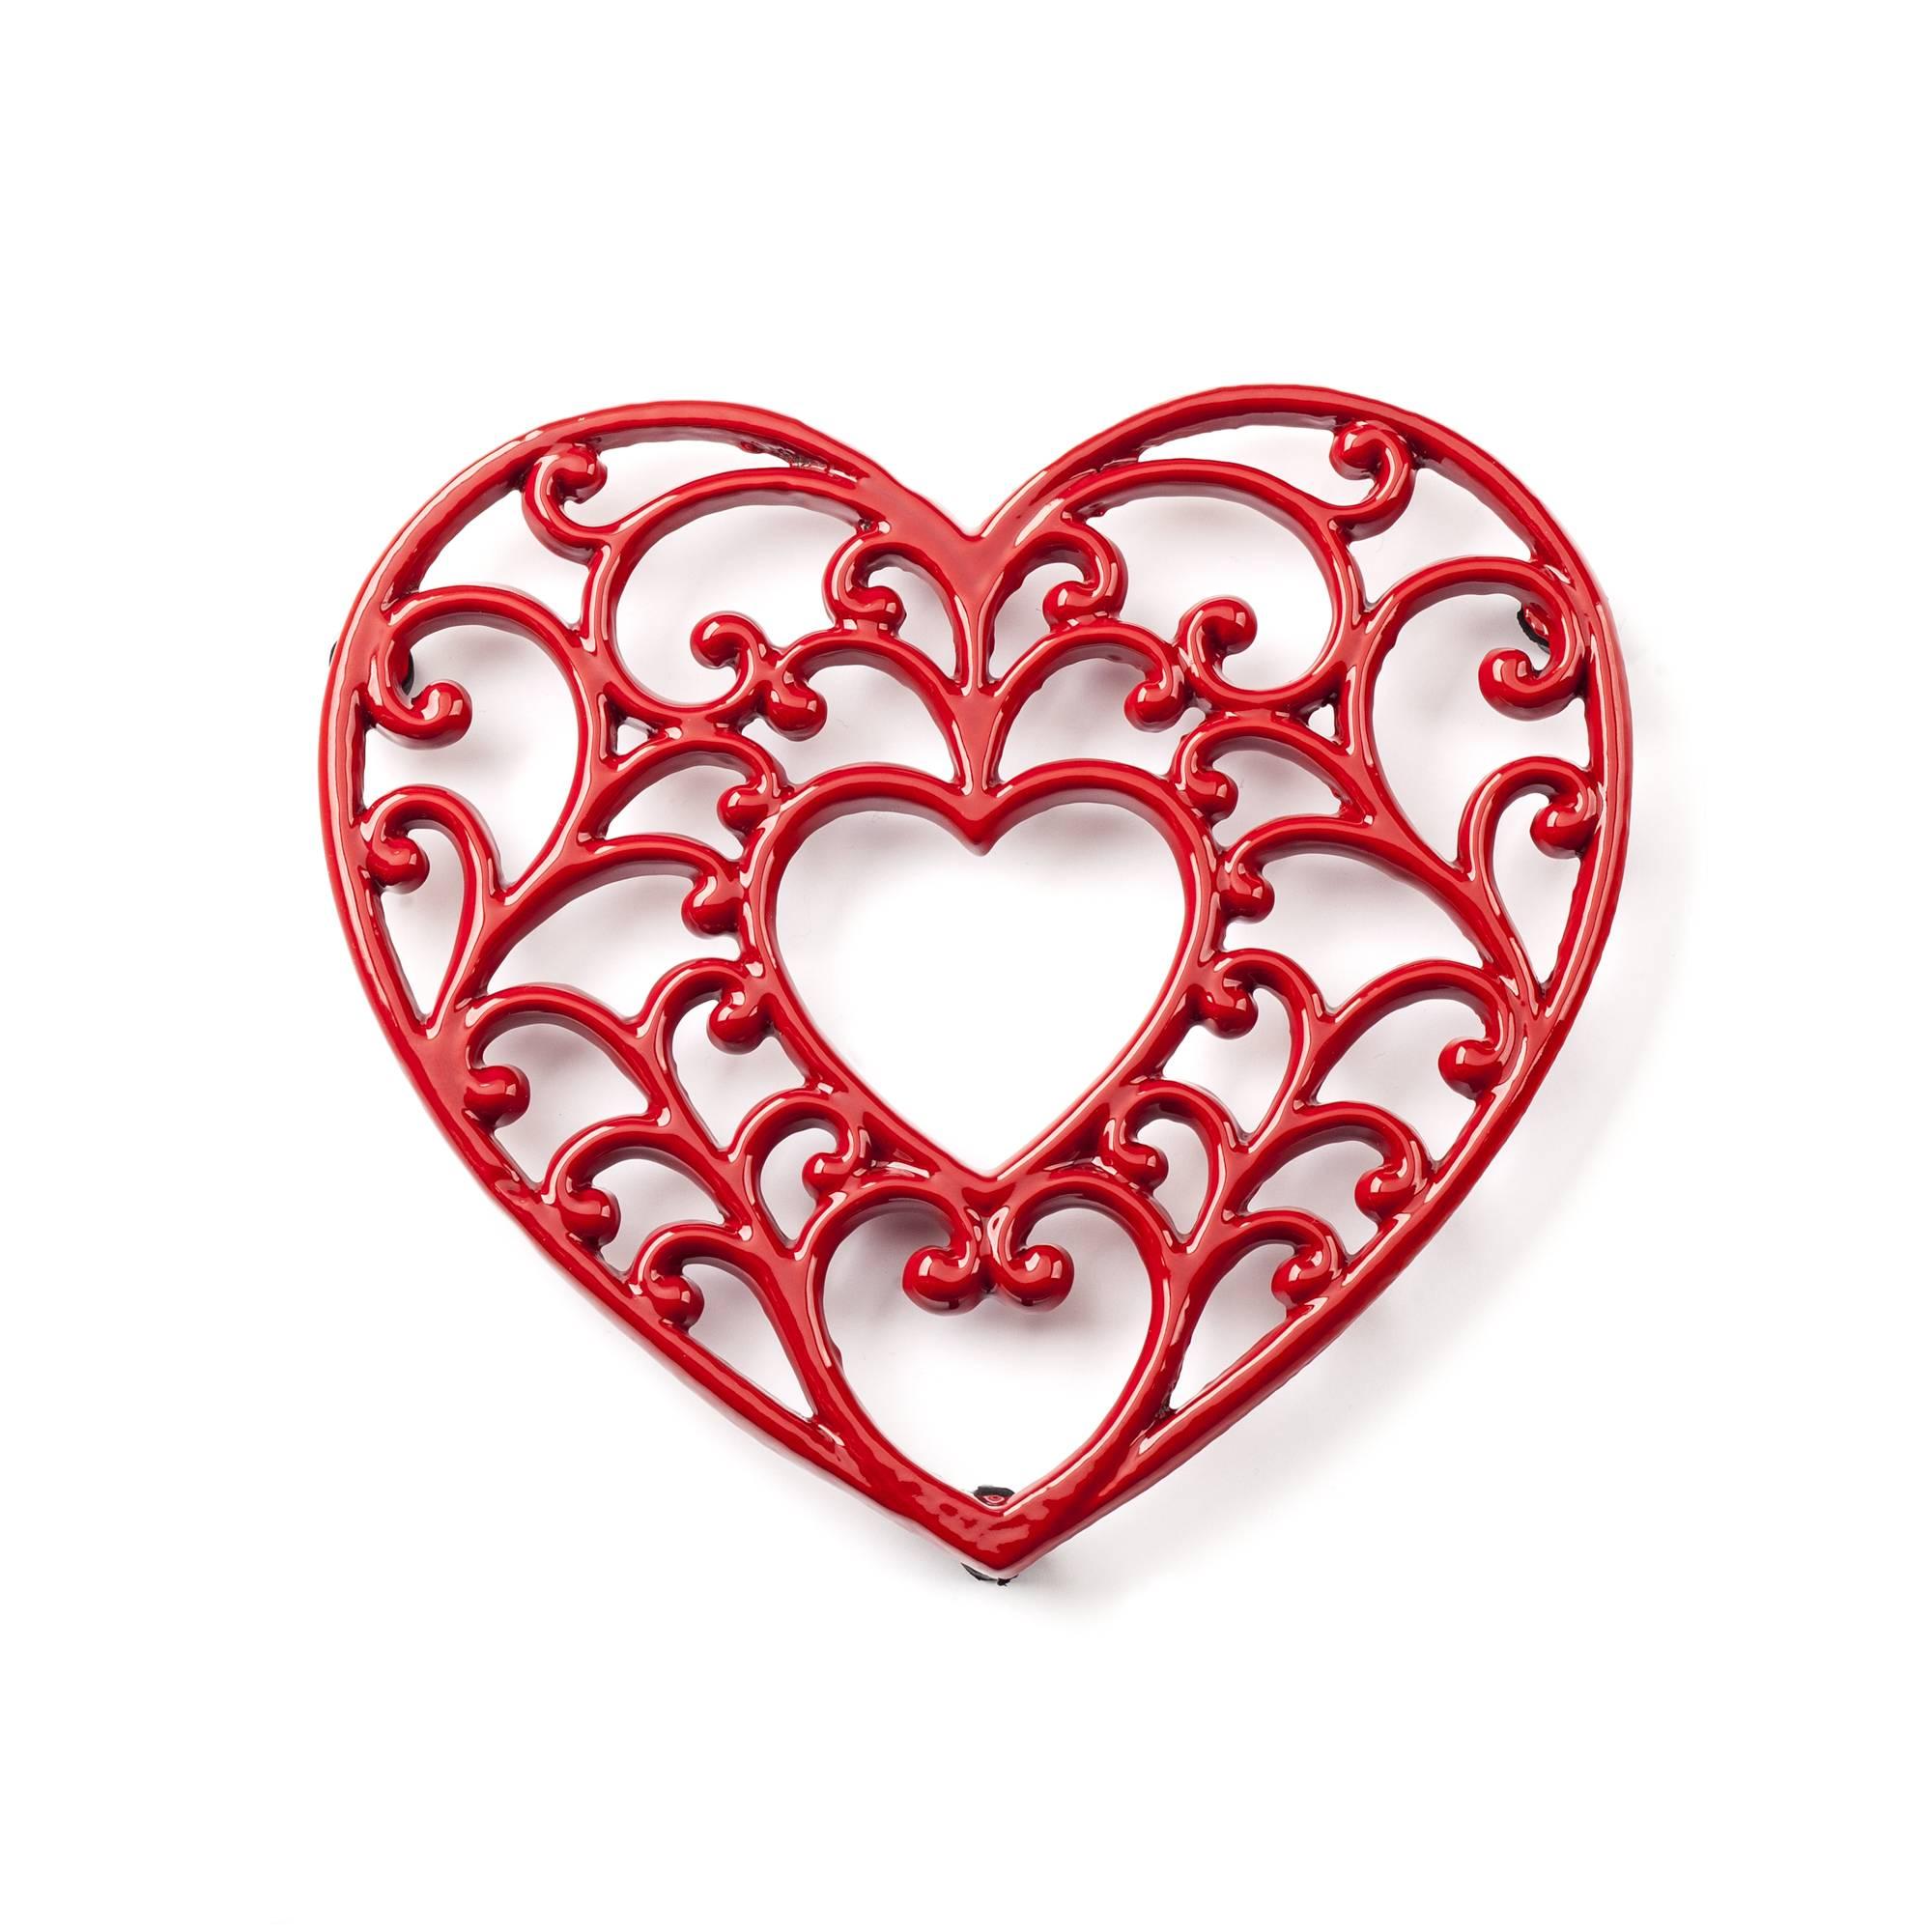 Podložka pod hrnec - smaltovaná srdce - červené - Smalt